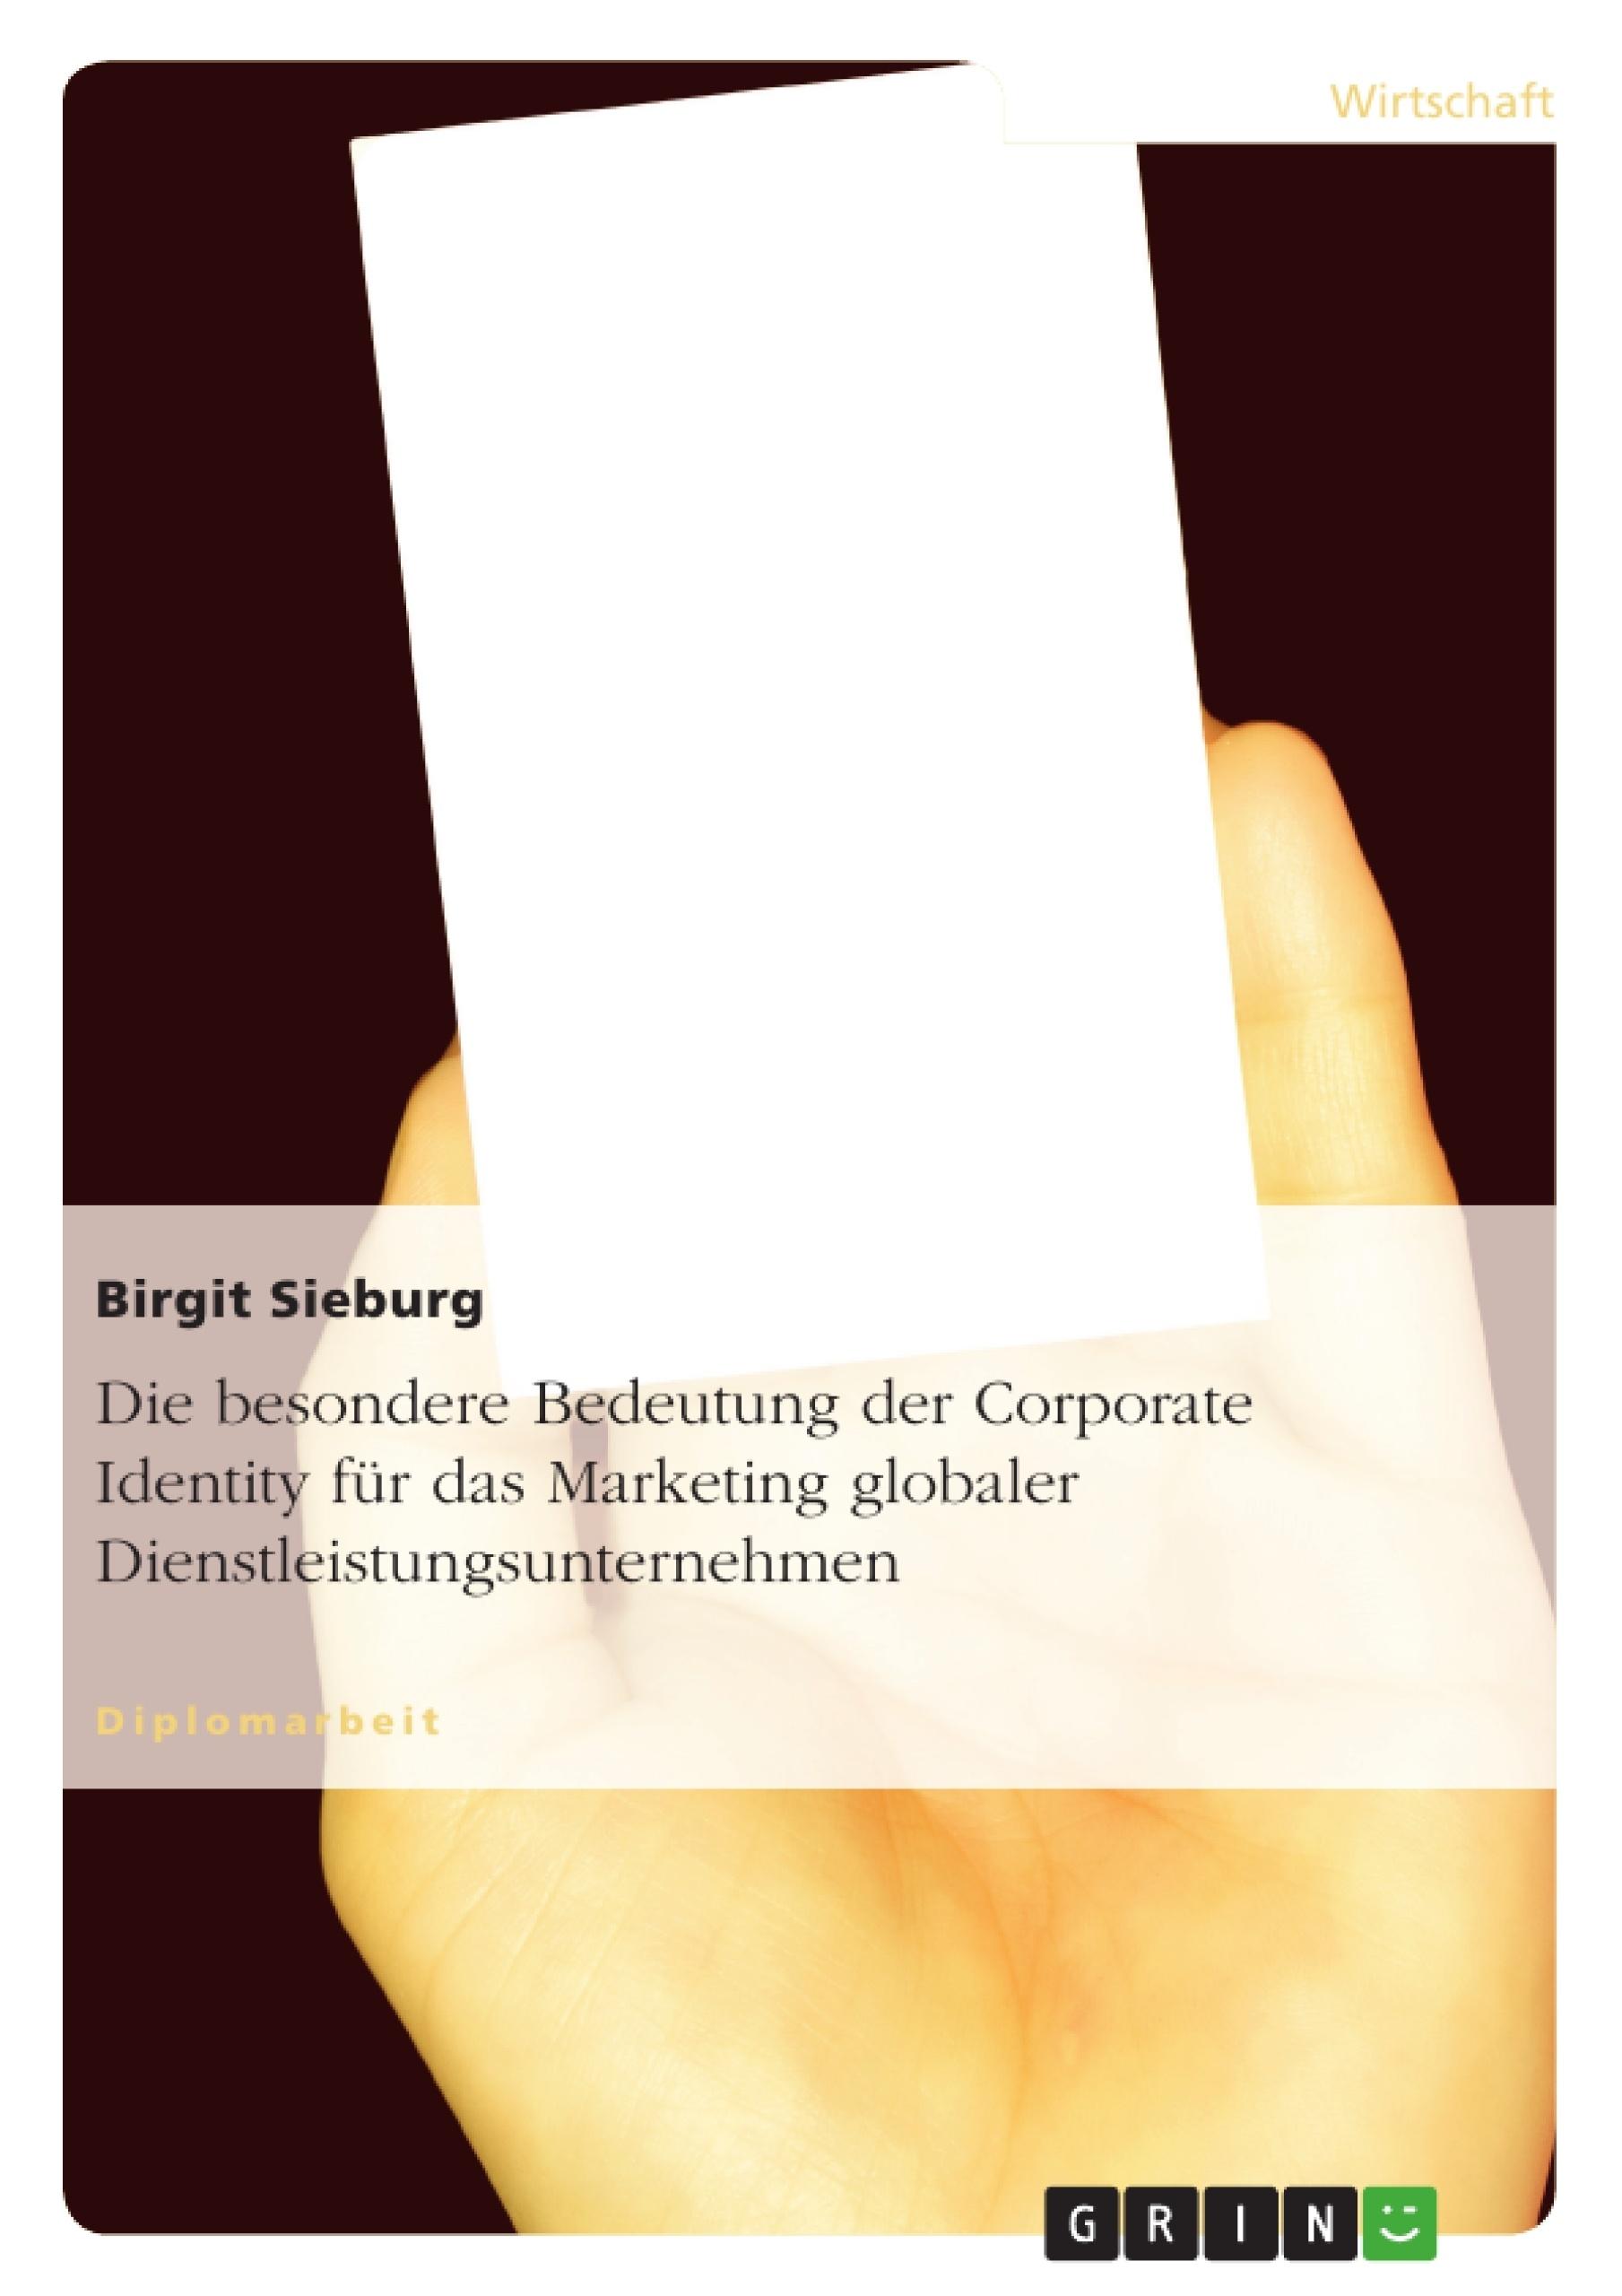 Titel: Die besondere Bedeutung der Corporate Identity für das Marketing globaler Dienstleistungsunternehmen